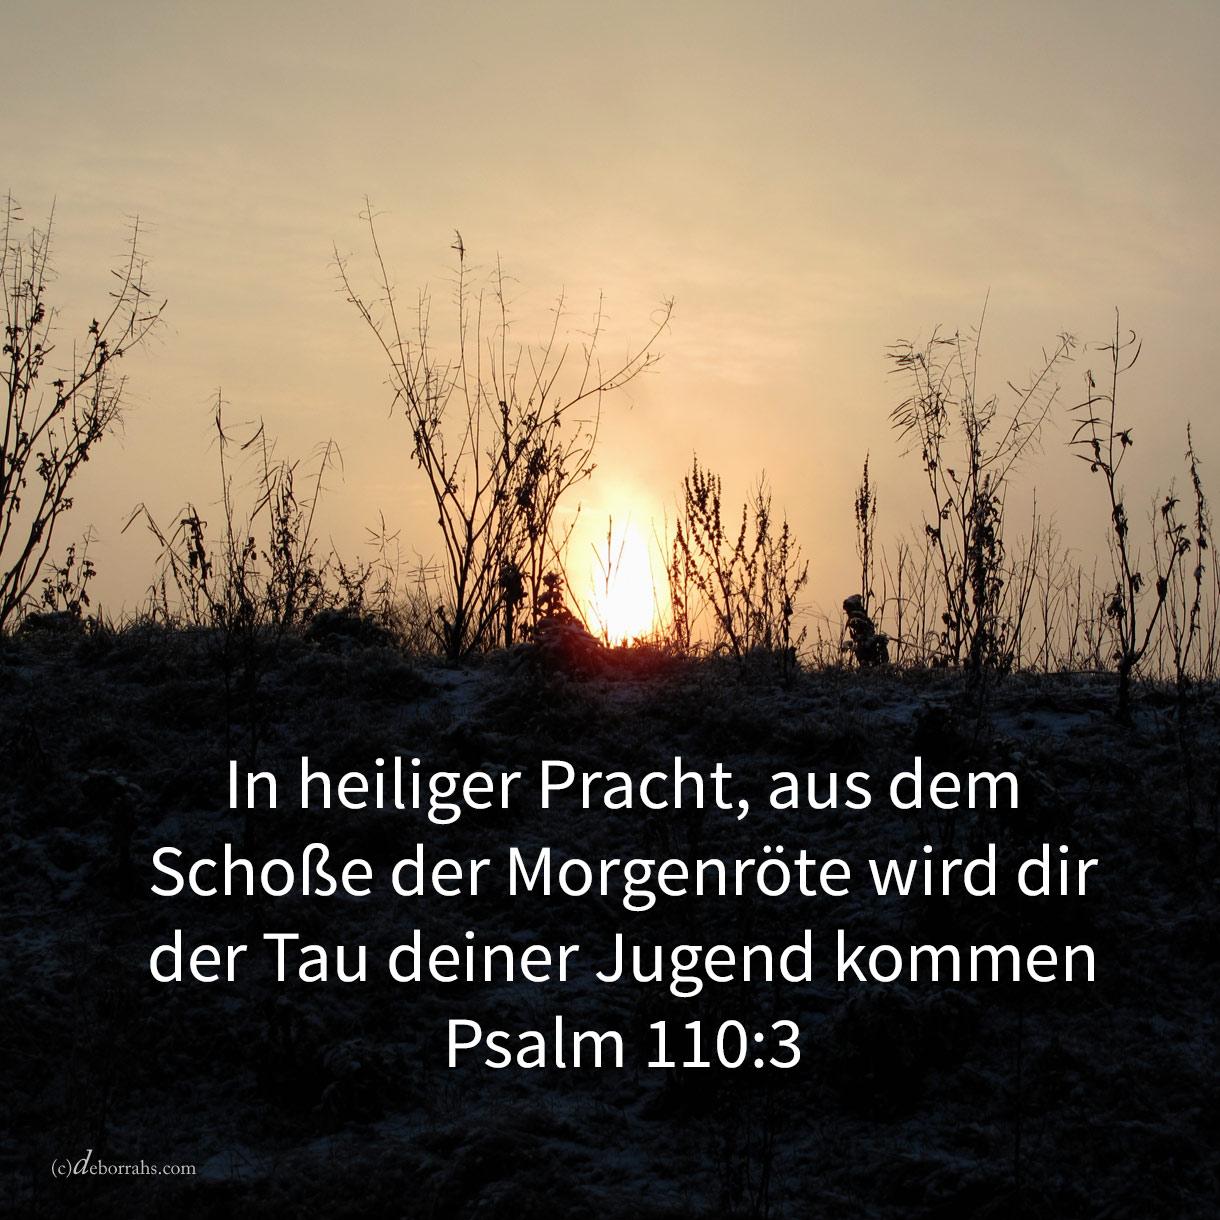 In heiliger Pracht, aus dem Schoße der Morgenröte wird dir der tau deiner Jugend kommen ( Ps 110,3 )